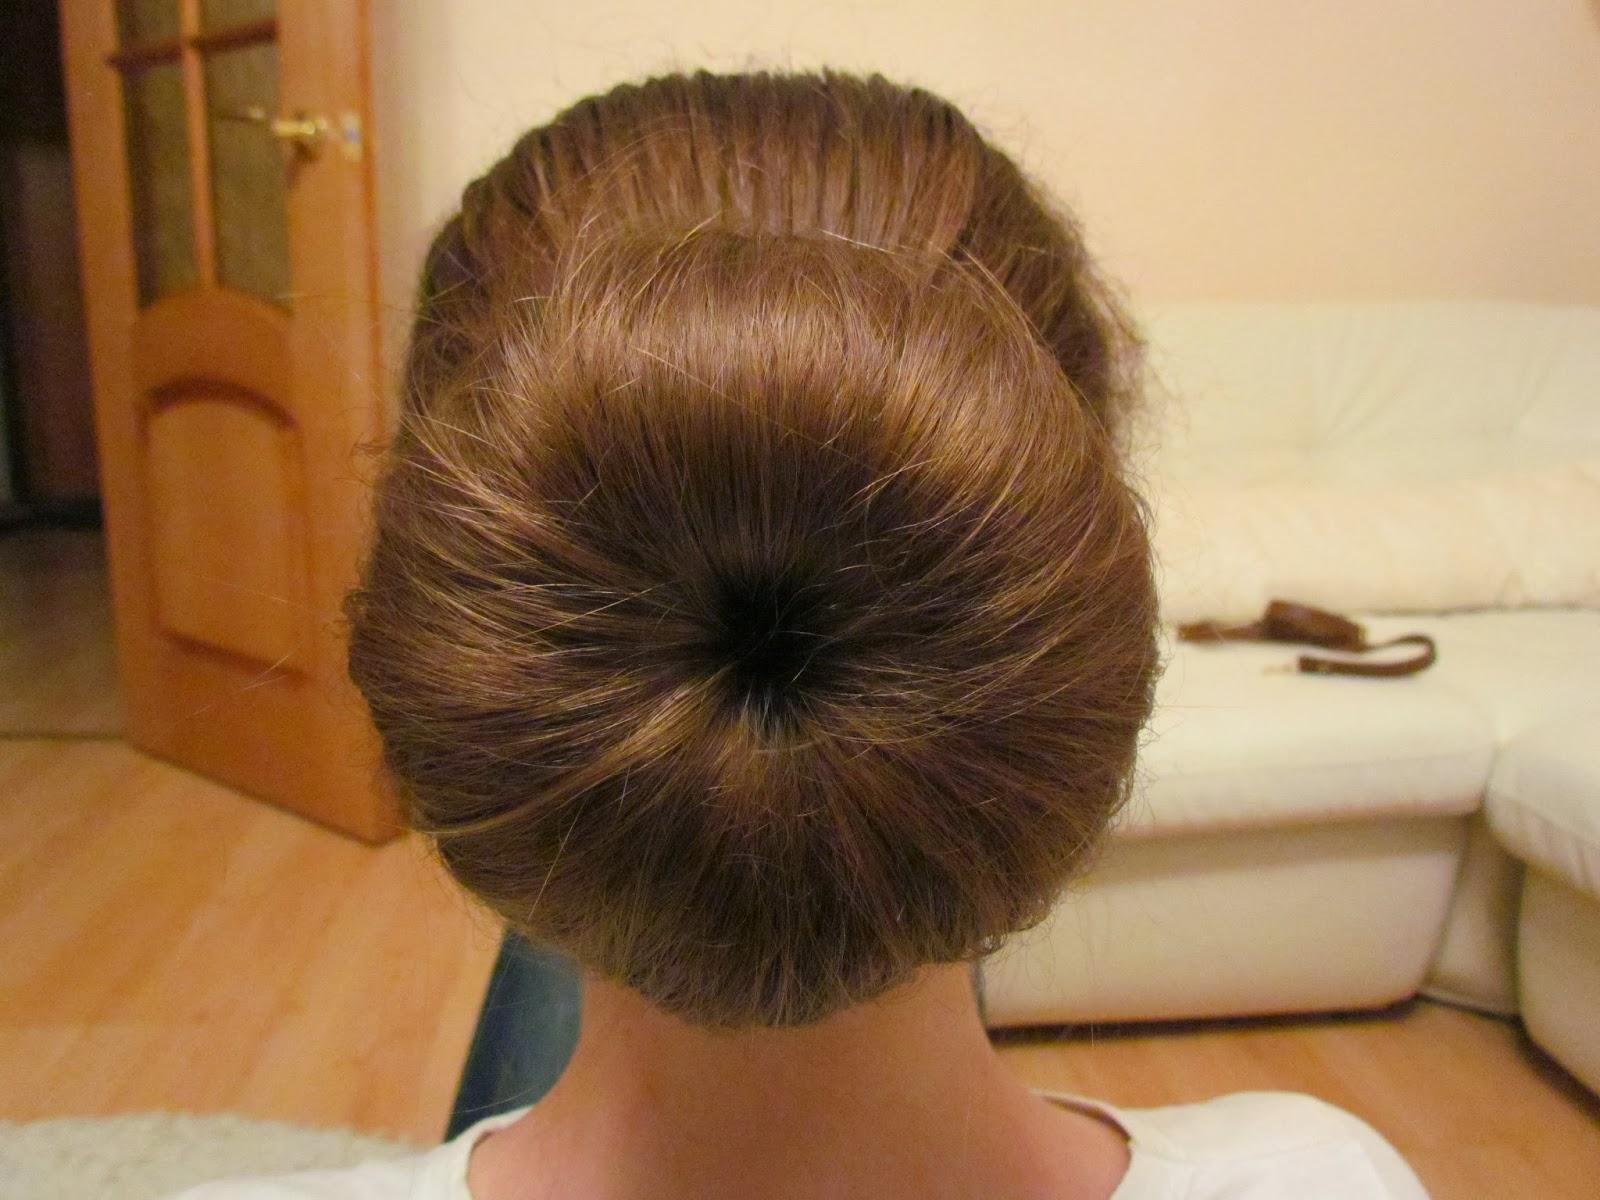 Прически с валиком для волос: 10 причесок своими руками 28